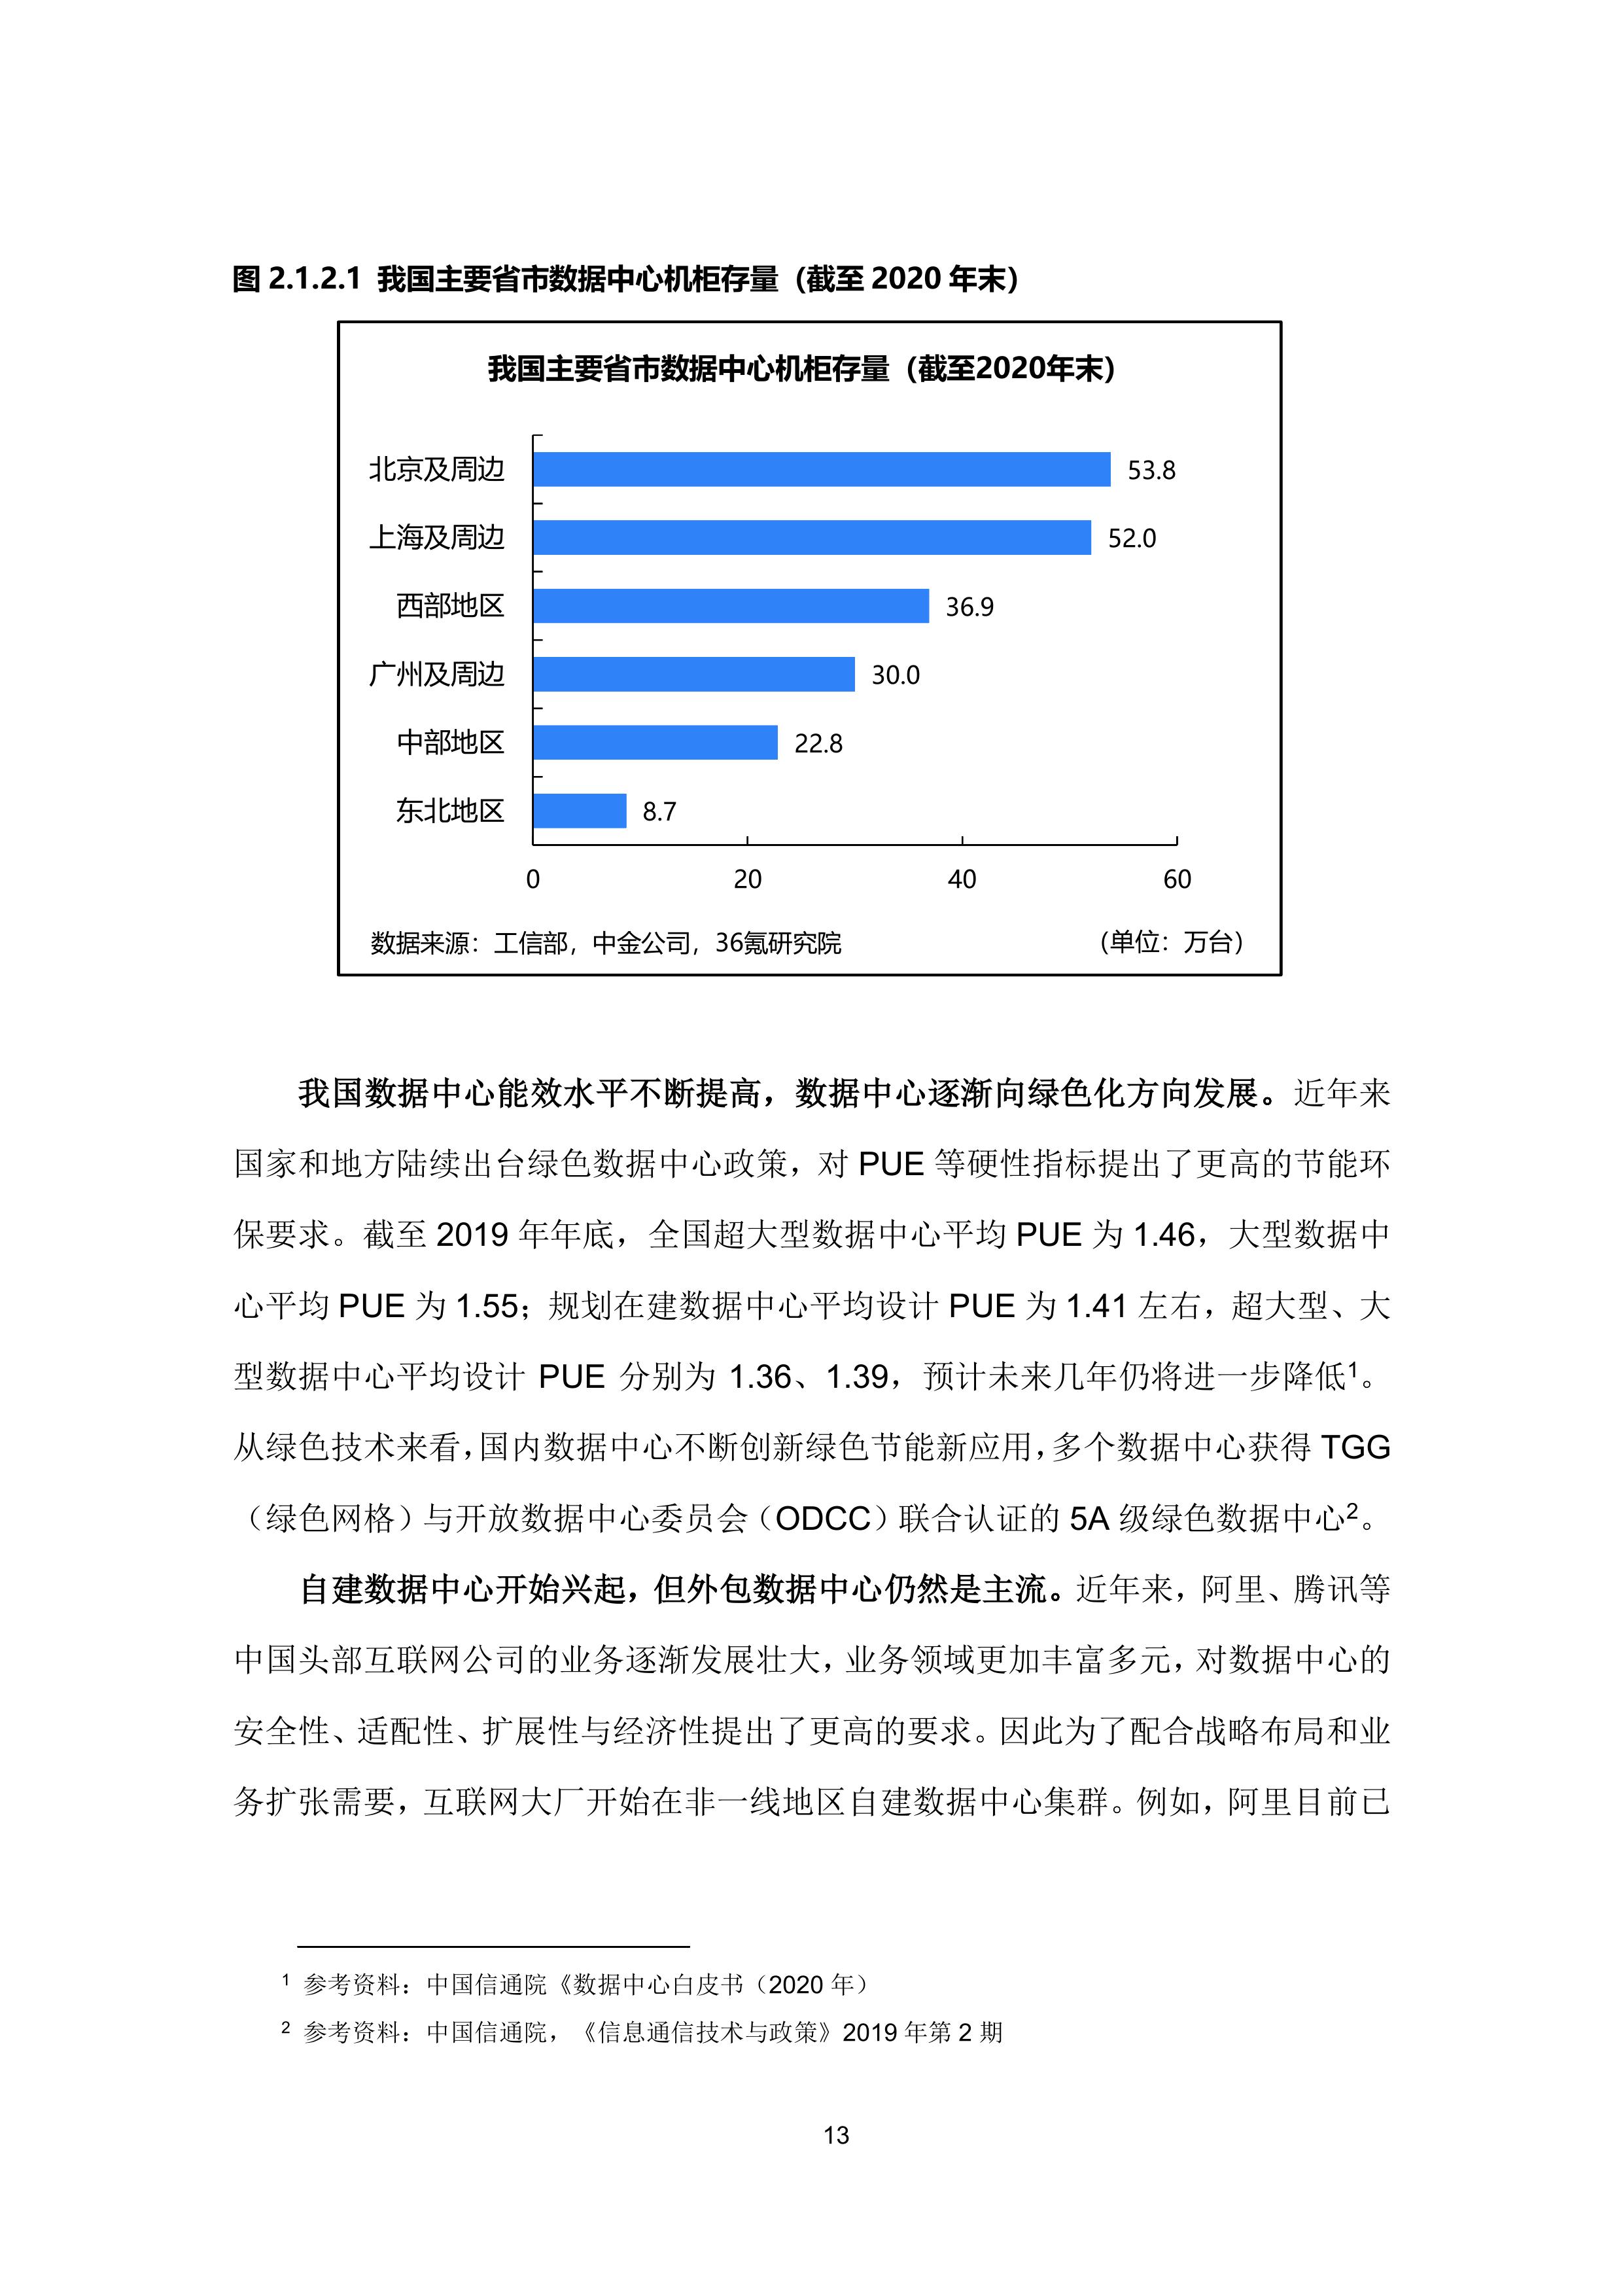 36氪研究院 - 新基建系列之:2020年中国城市数据中心发展指数报告-大菠萝官网(图24)